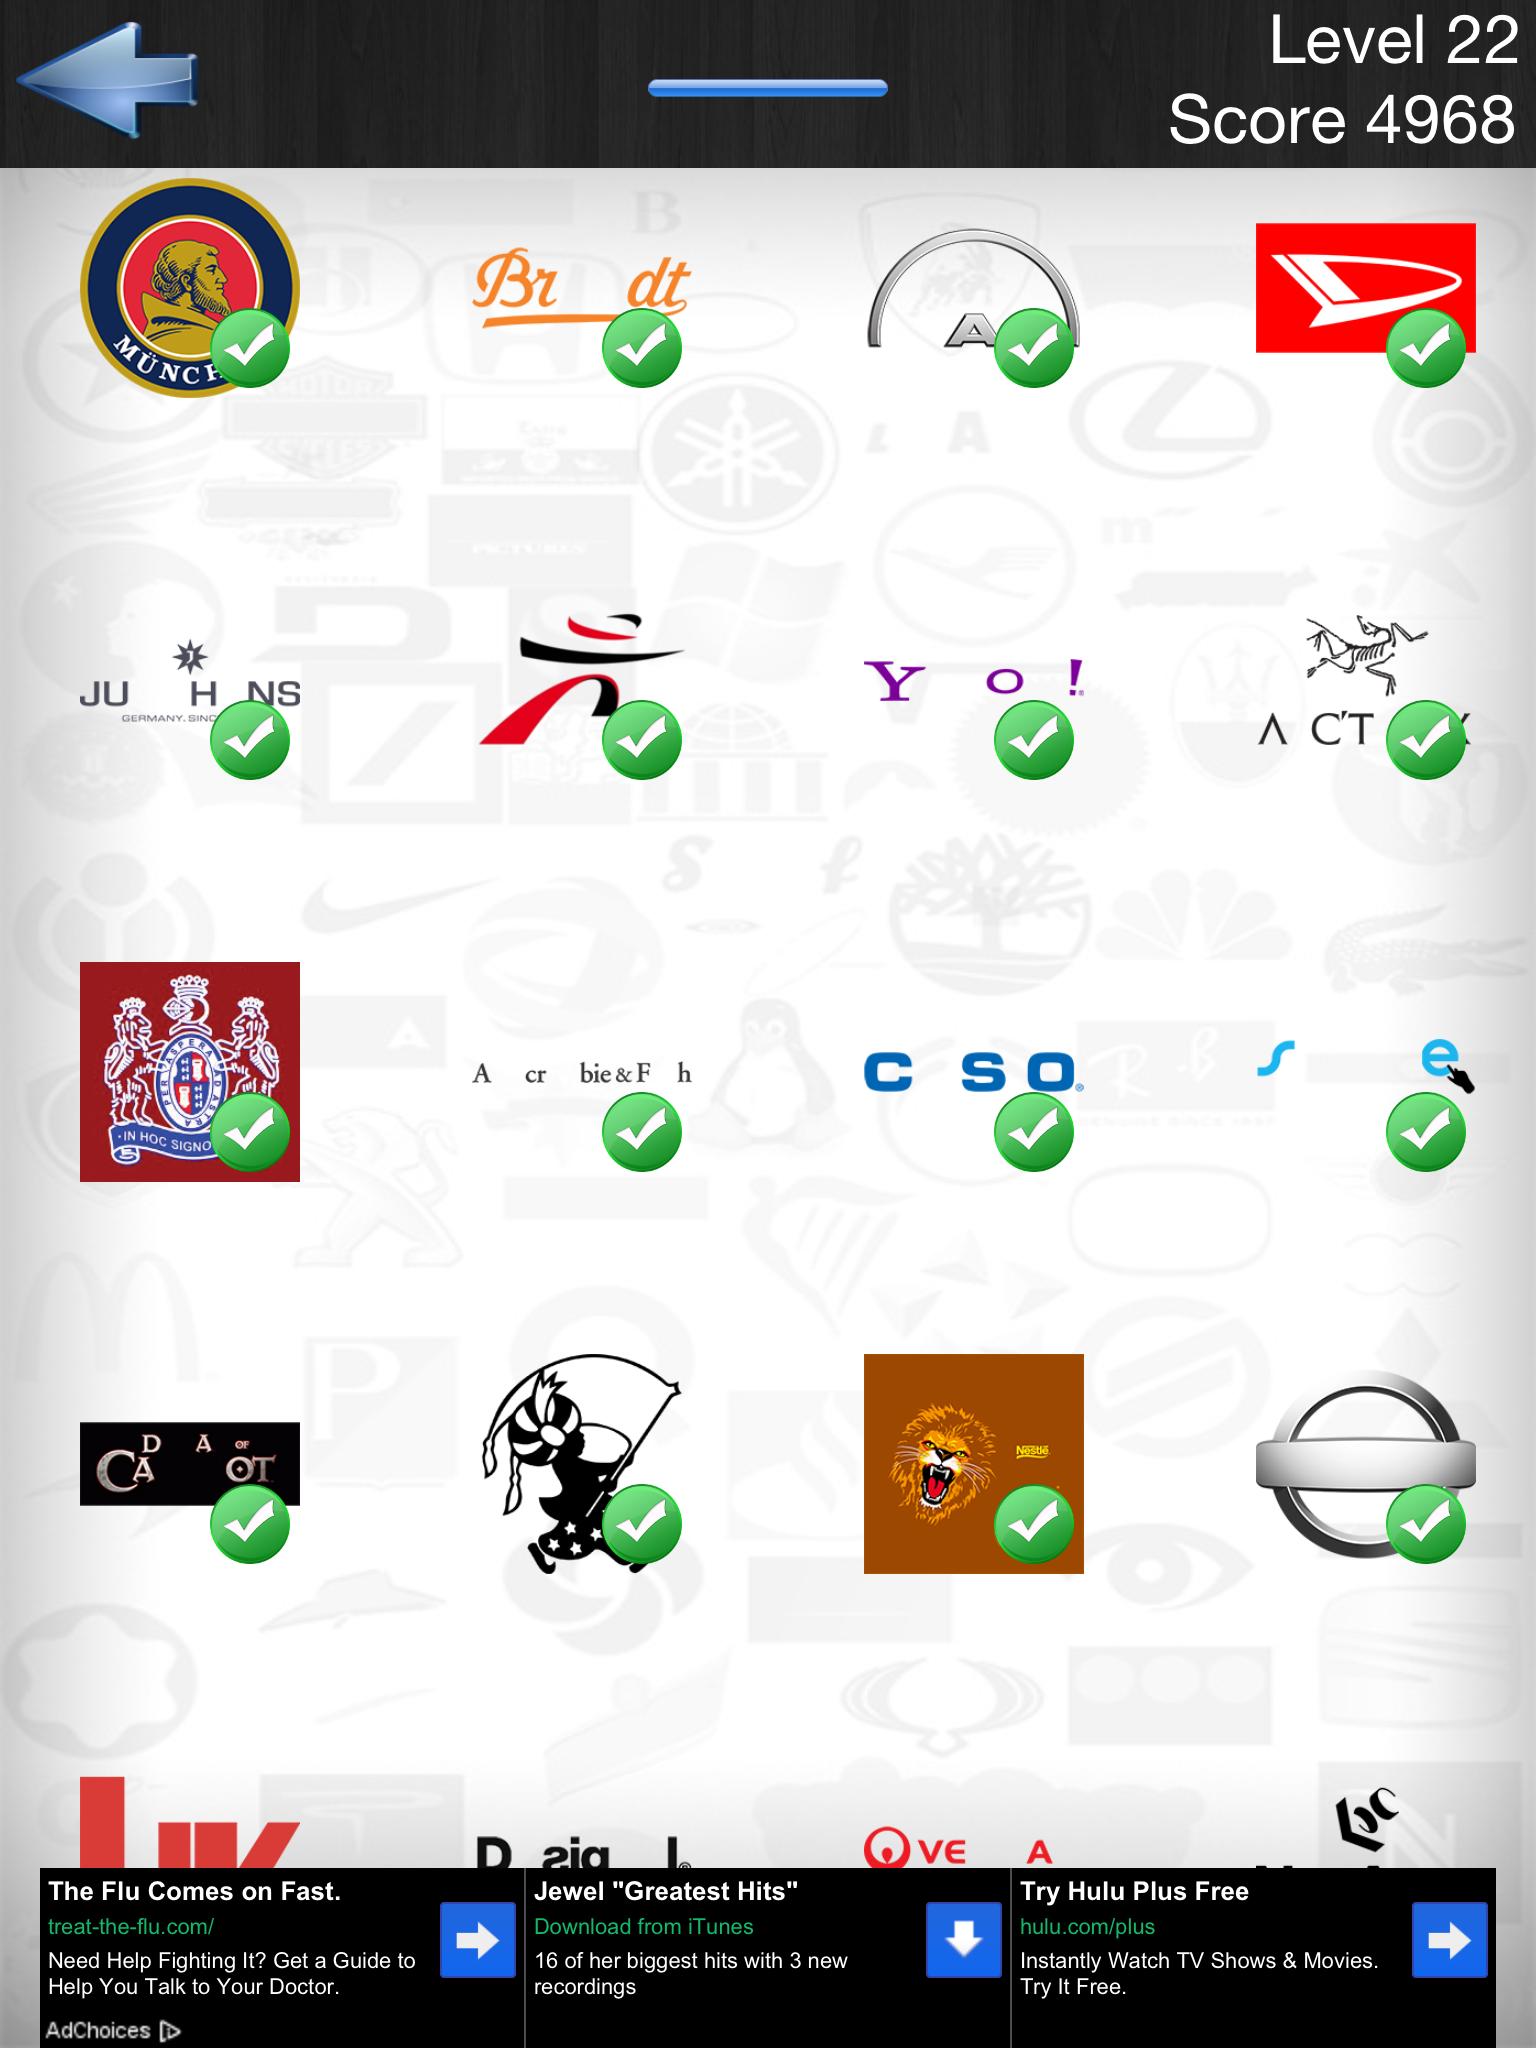 Image Gallery Logo Level 22